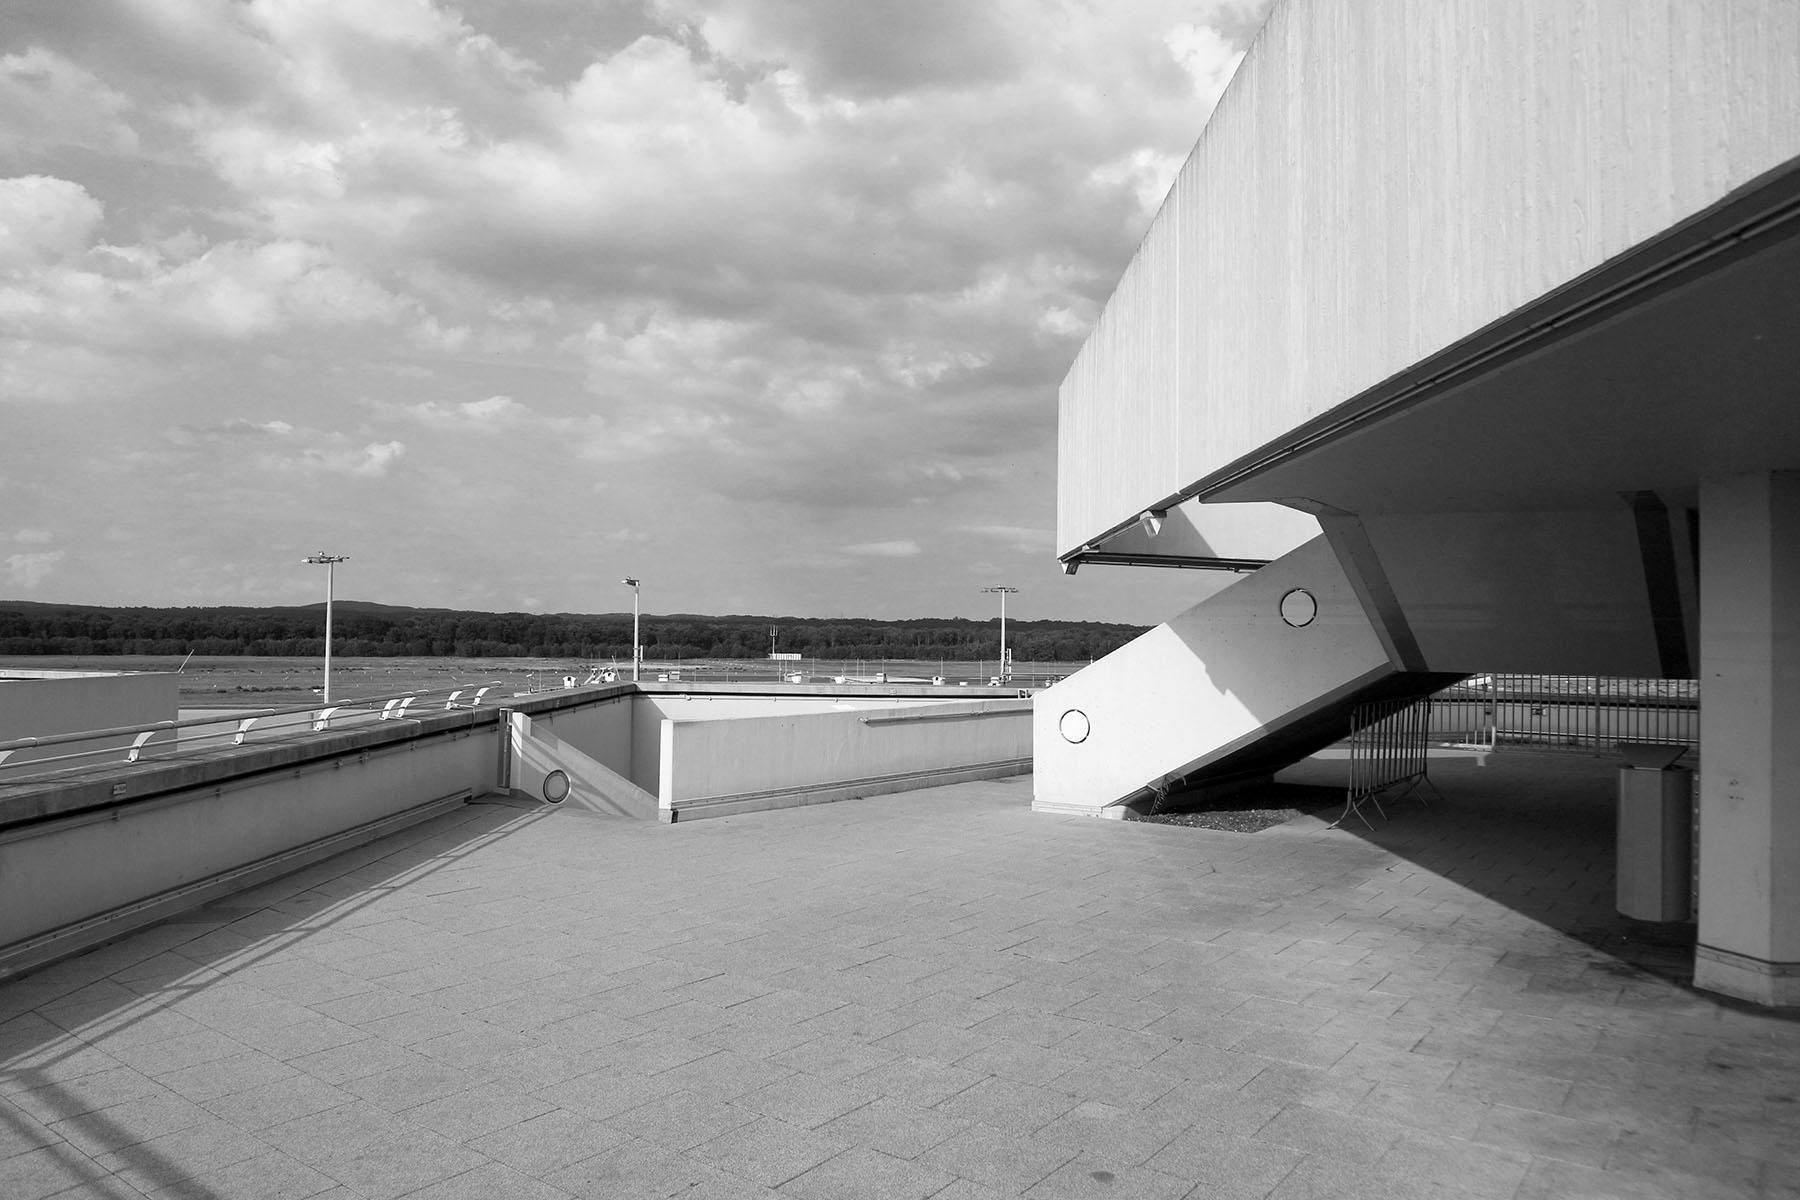 Flughafen Köln Bonn. Im Terminal 1 gibt es zwei Besucherterassen: eine Im Bereich des Abfluges C/T1 und eine –weniger bekannte – im Bereich des Abfluges B/T1.